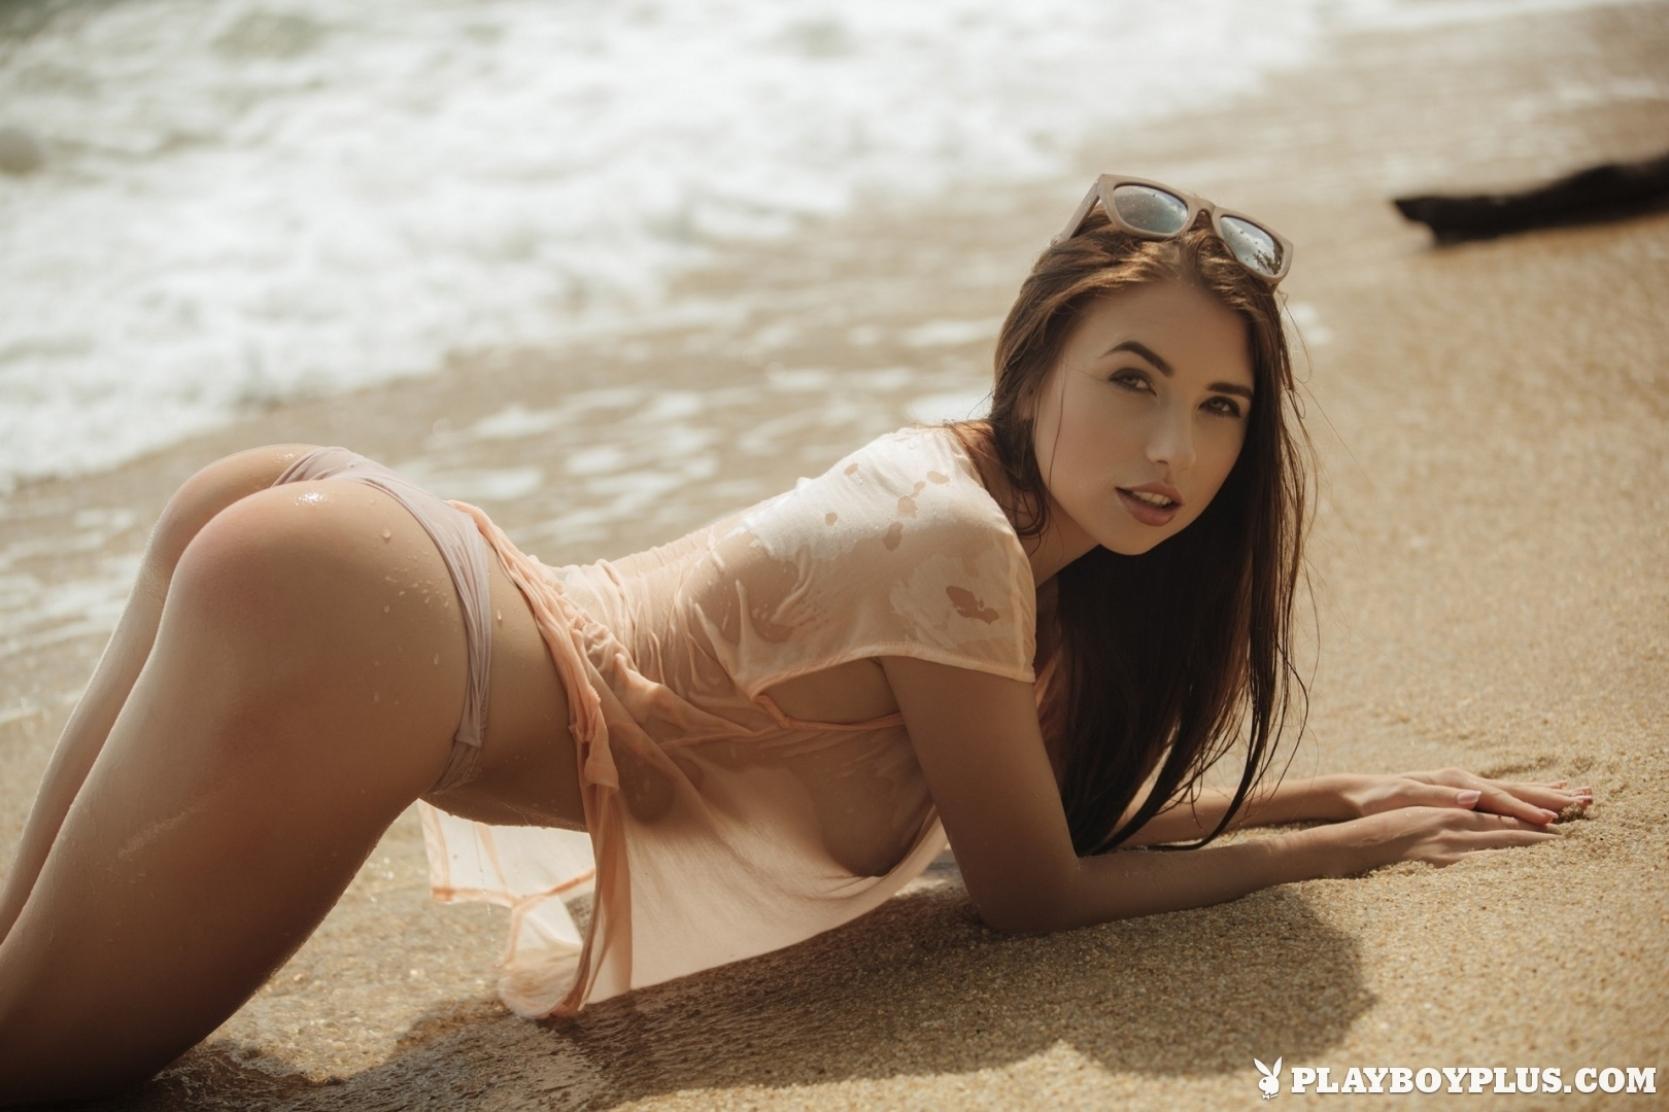 Playboy Plus | Niemira in Kicking up Sand 3